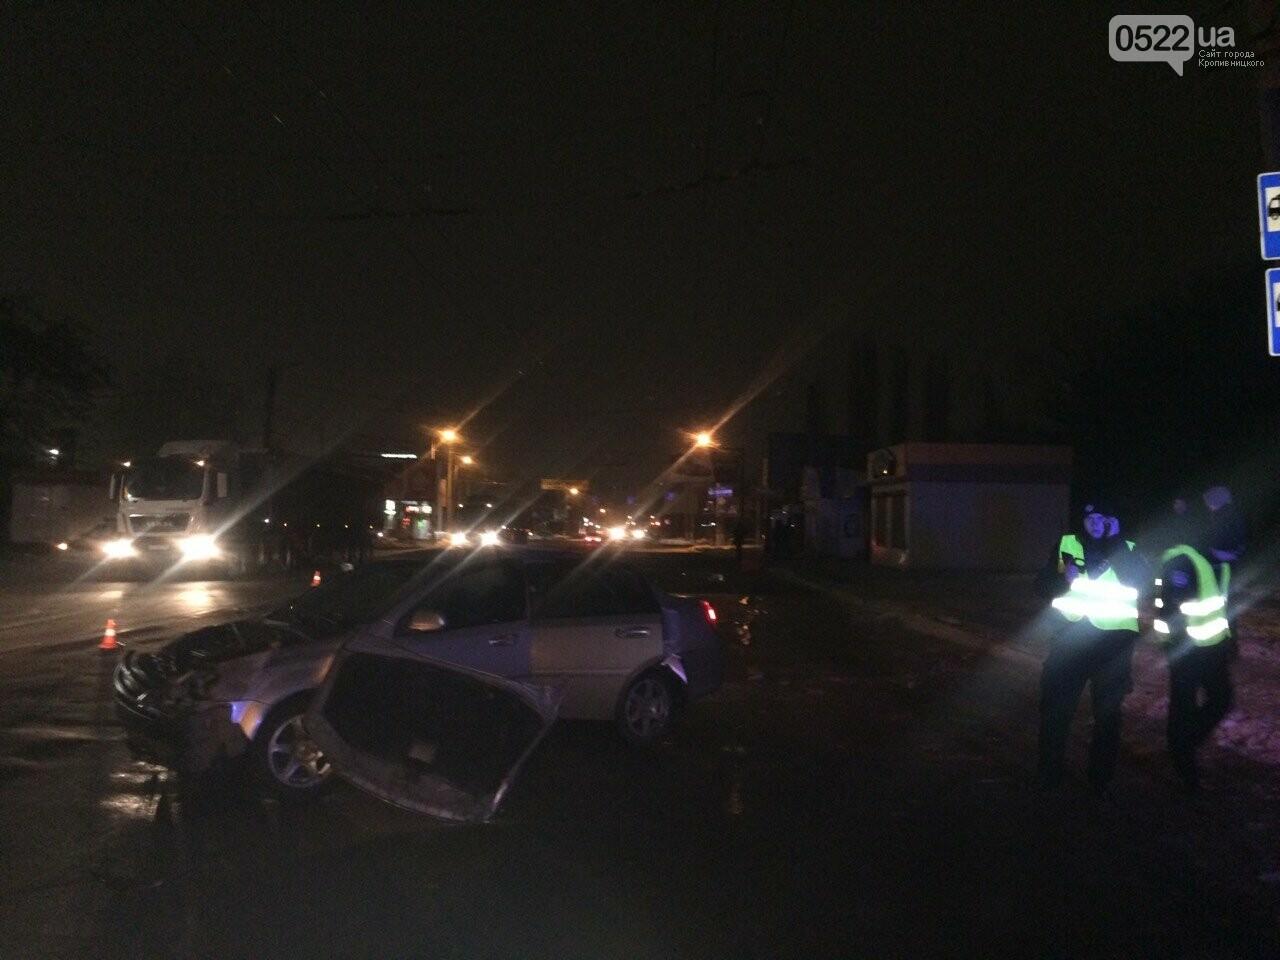 Ночное ДТП в Кропивницком: автомобиль вылетел на остановку и сбил iBox. ФОТО, фото-6